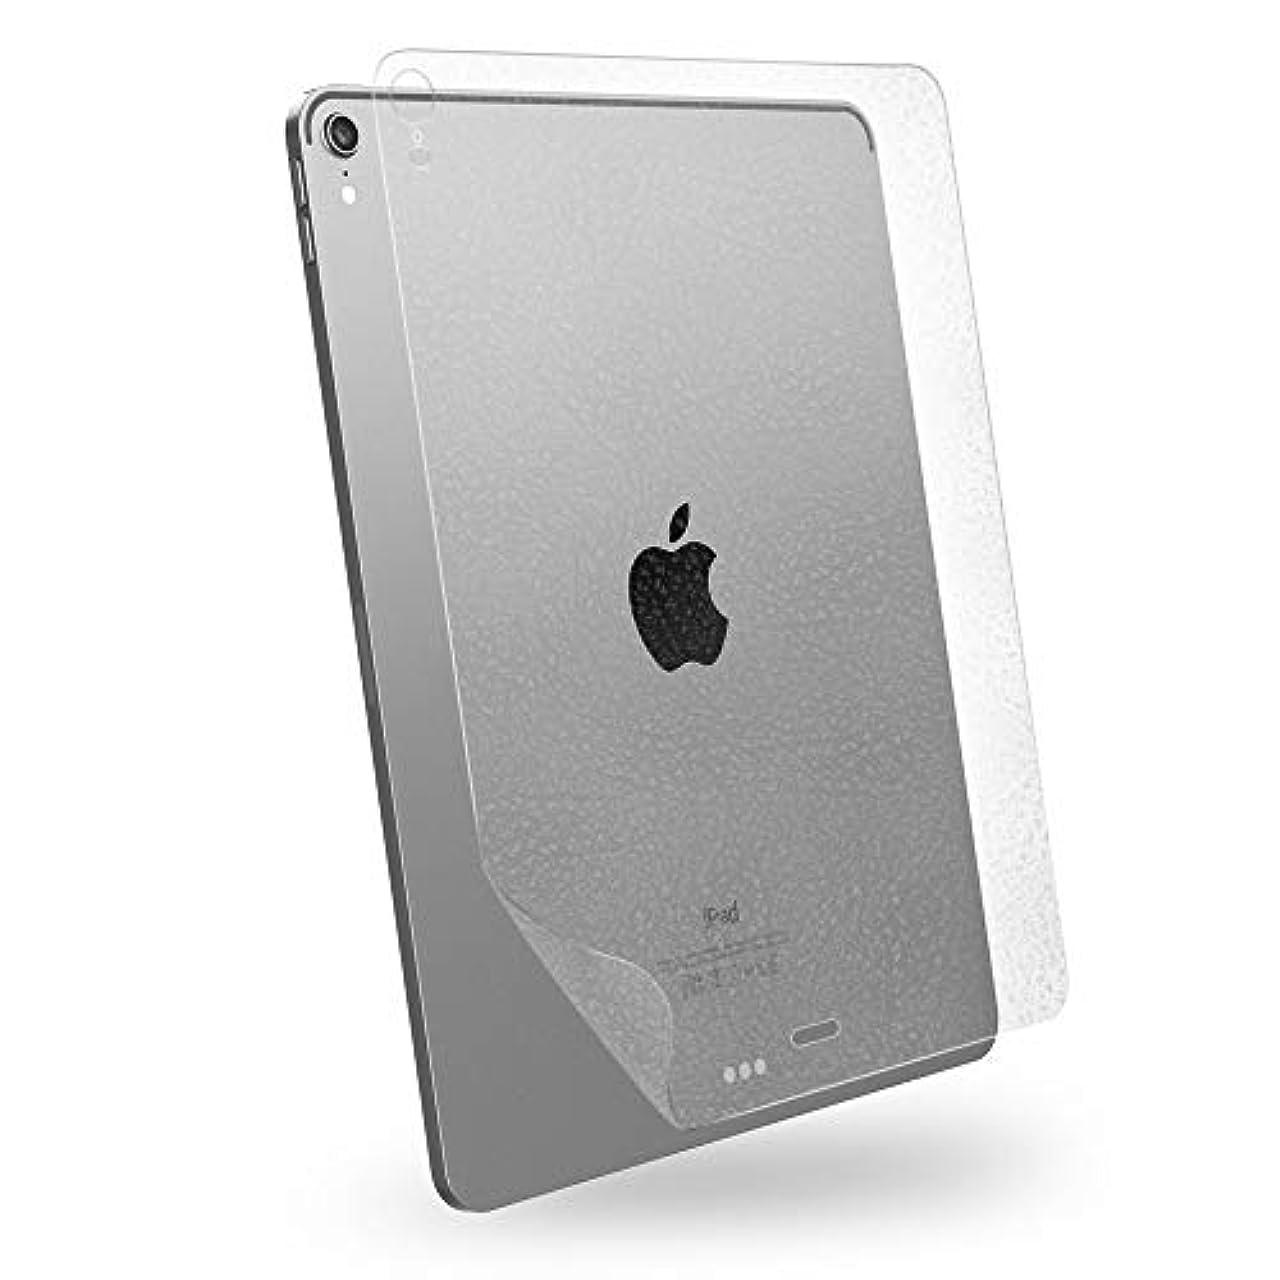 演じるサーマル賛辞iPad 12.9 背面保護フィルム 「3枚セット」フルサイズキーボードSmart Keyboard Folioと併用可 非光沢 接着剤を使わず、貼り直し可能 (ipad 12.9 インチ, 背面フィルム)